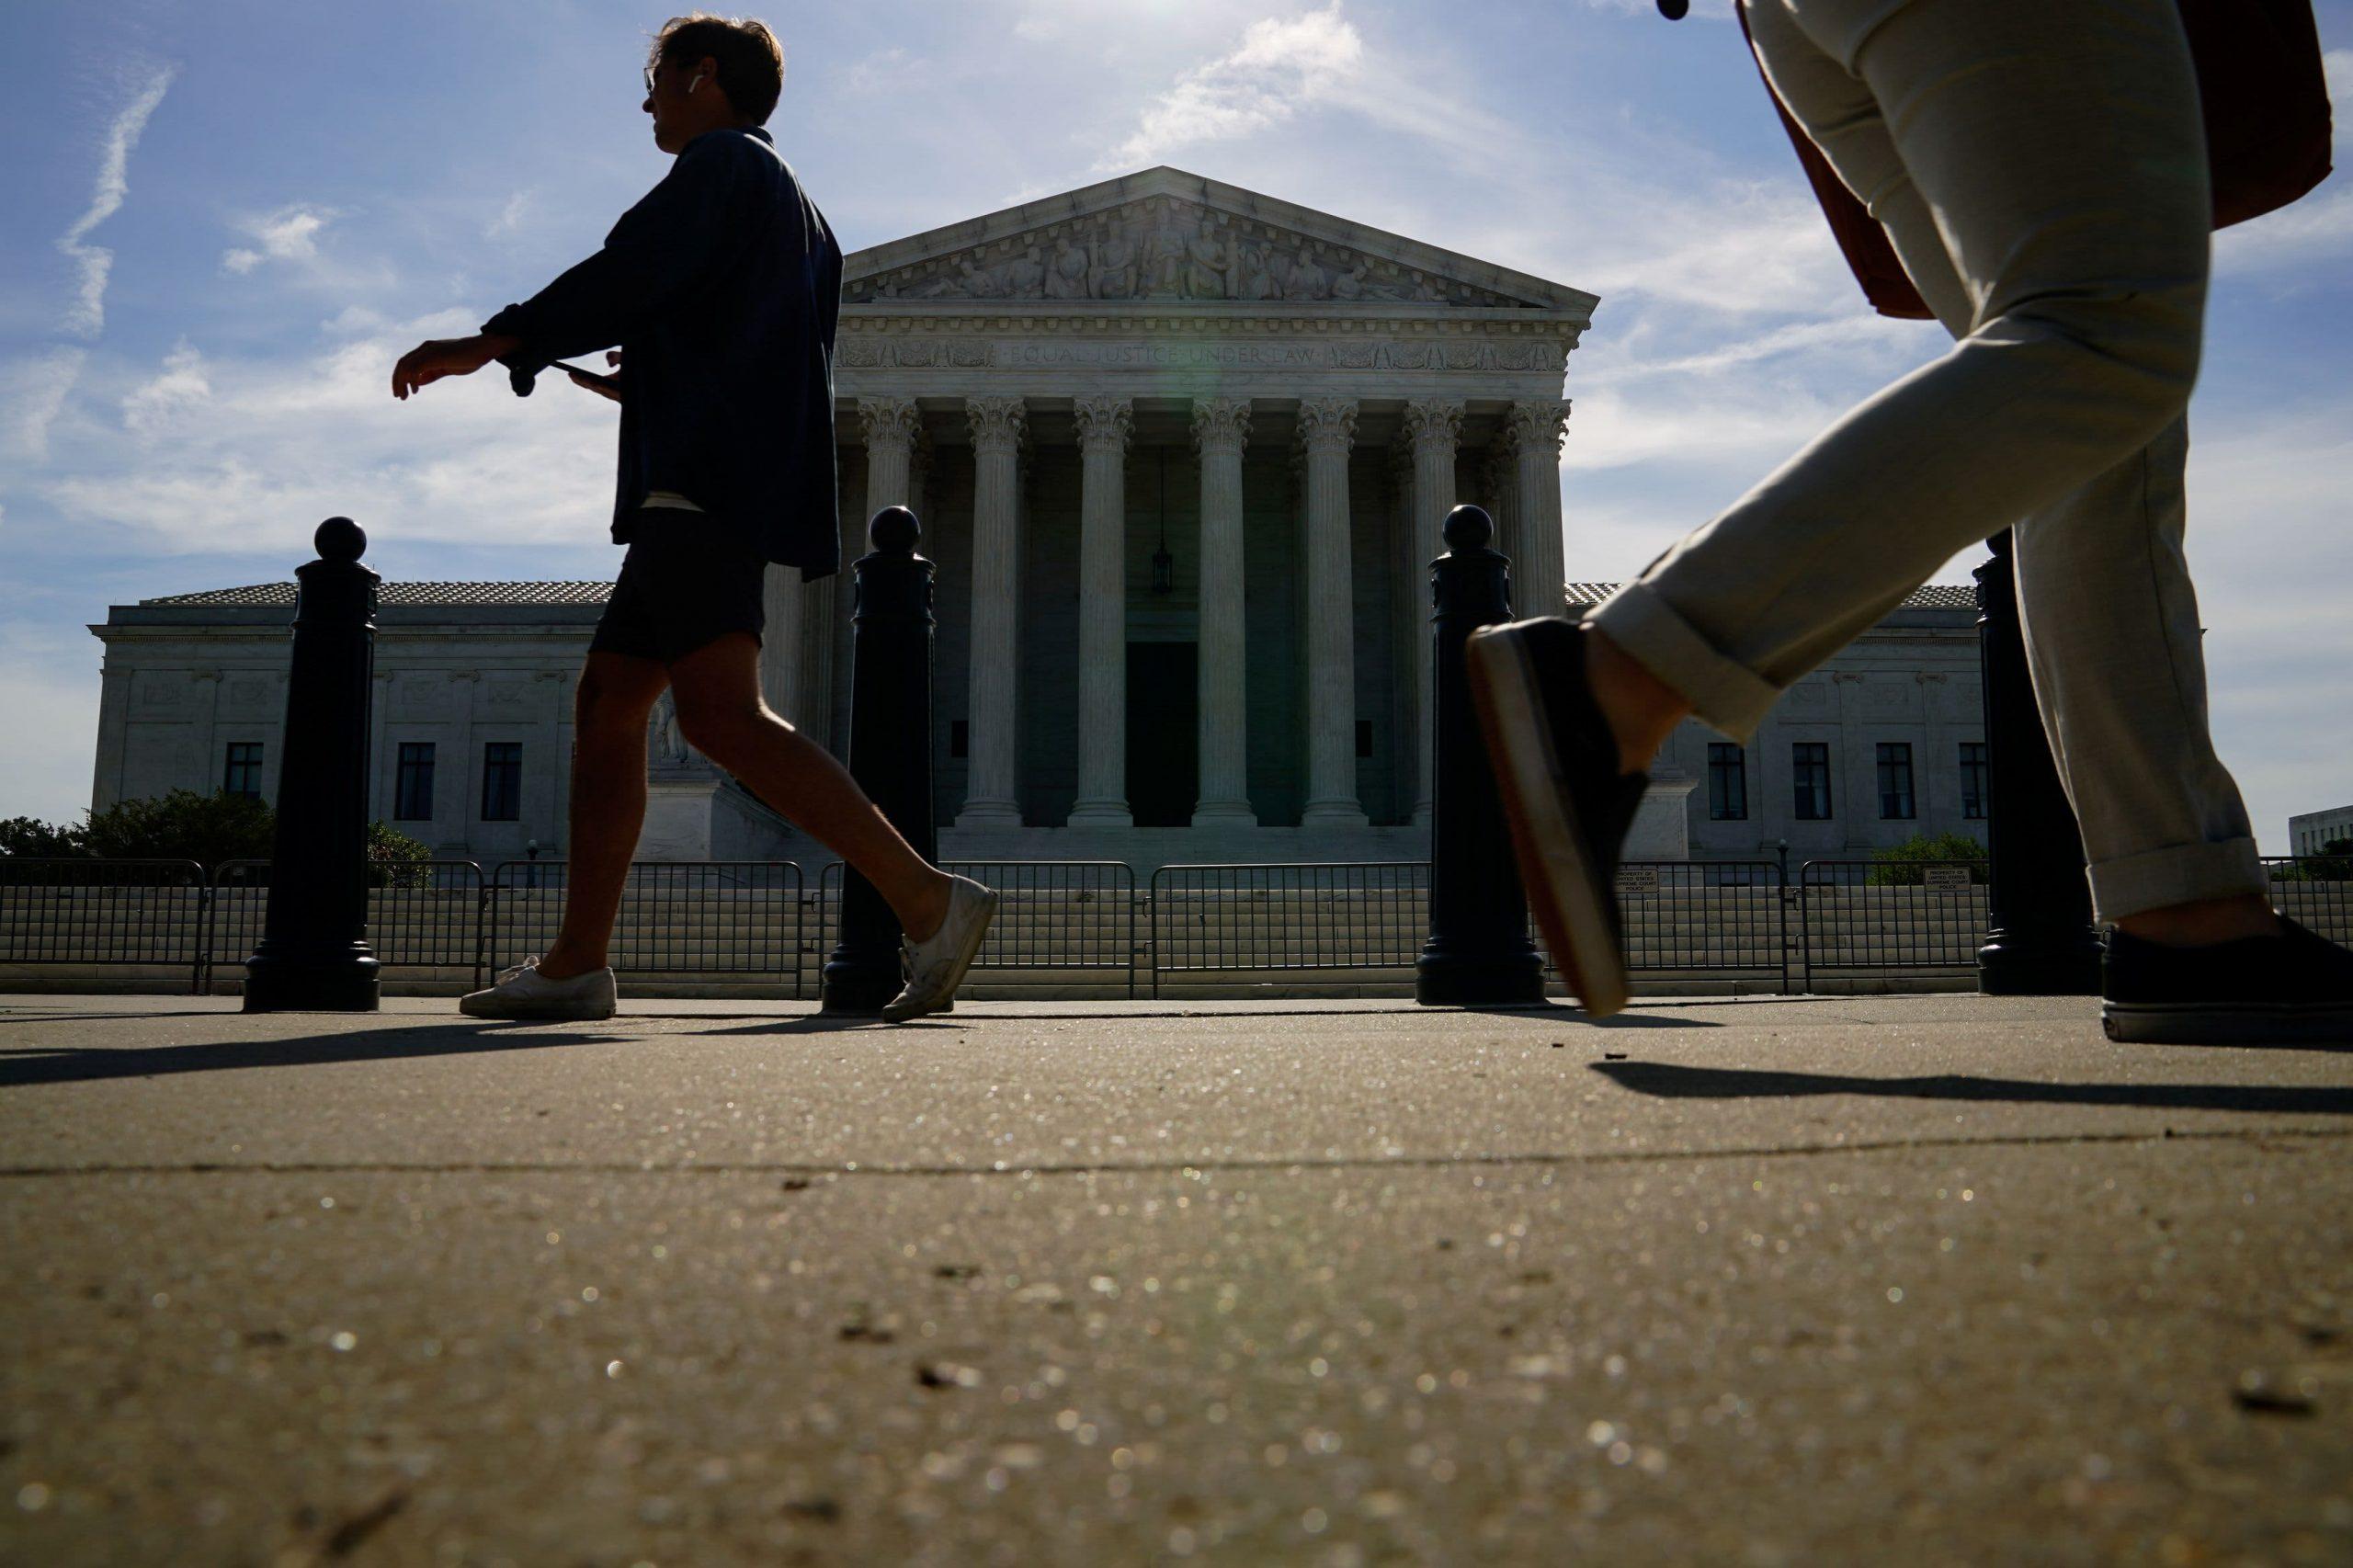 La Corte Suprema dice que California no puede exigir a todas las organizaciones sin fines de lucro que revelen a sus donantes